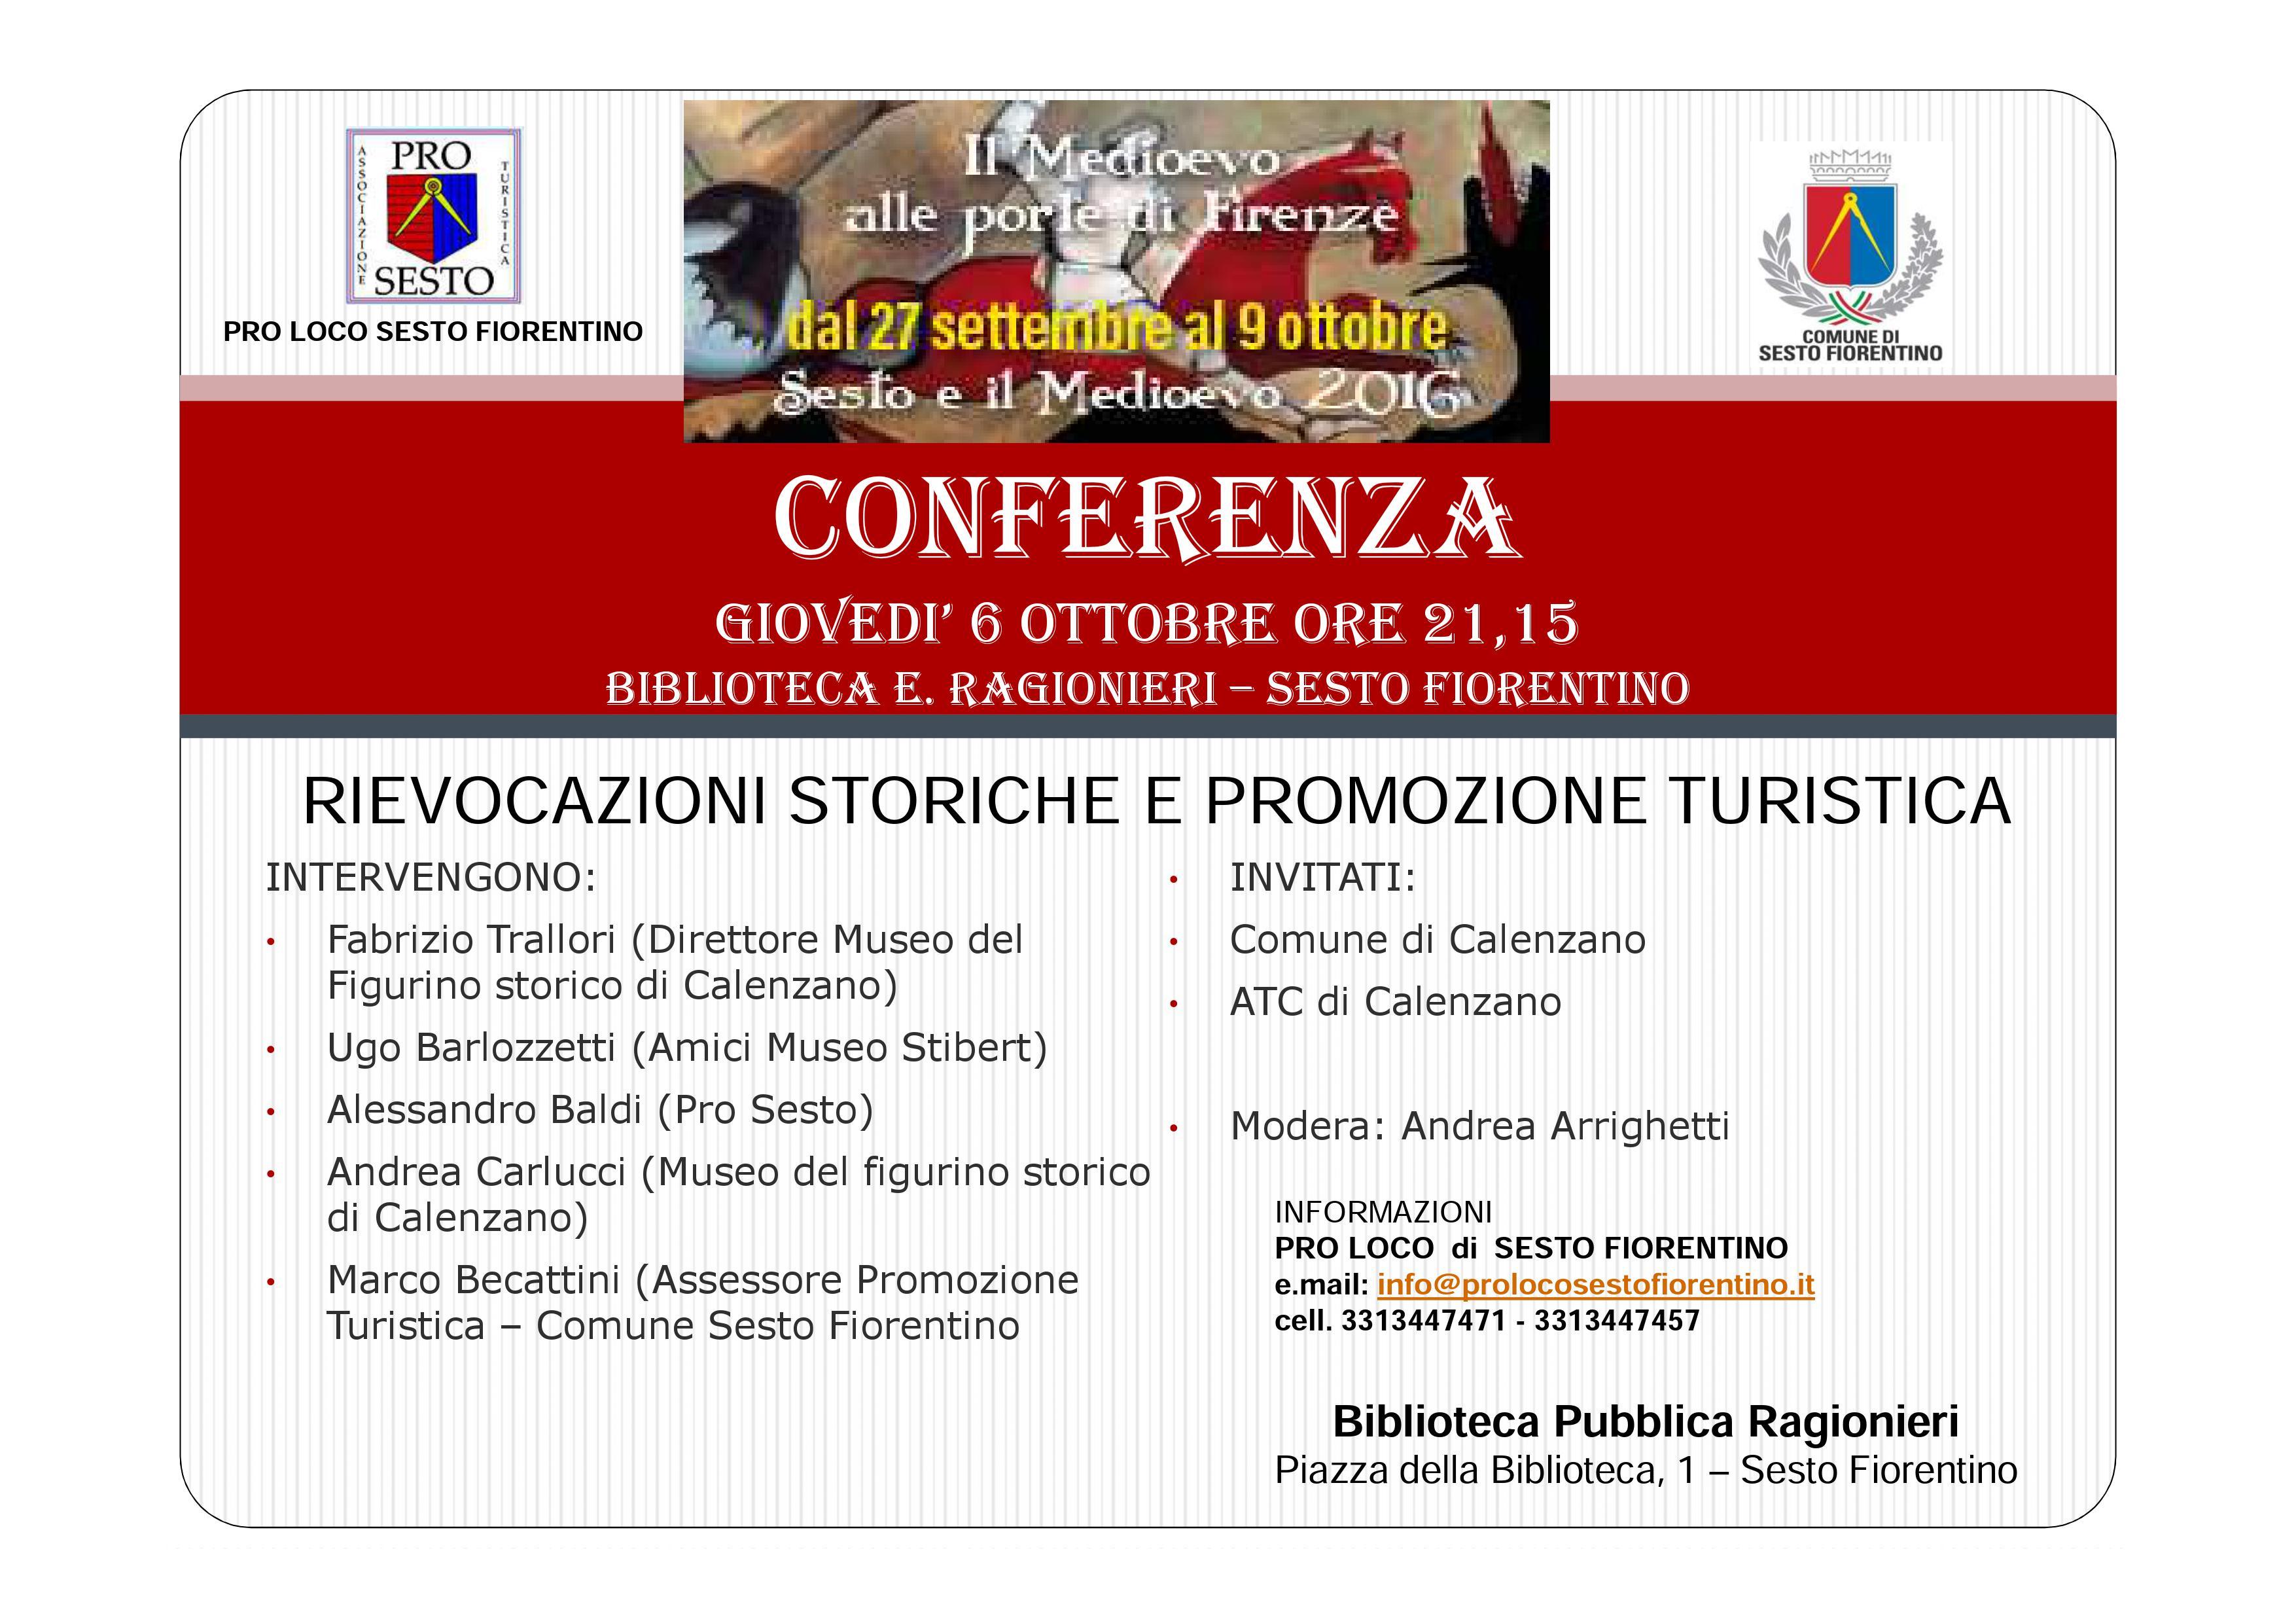 conferenza-medioevo-2016